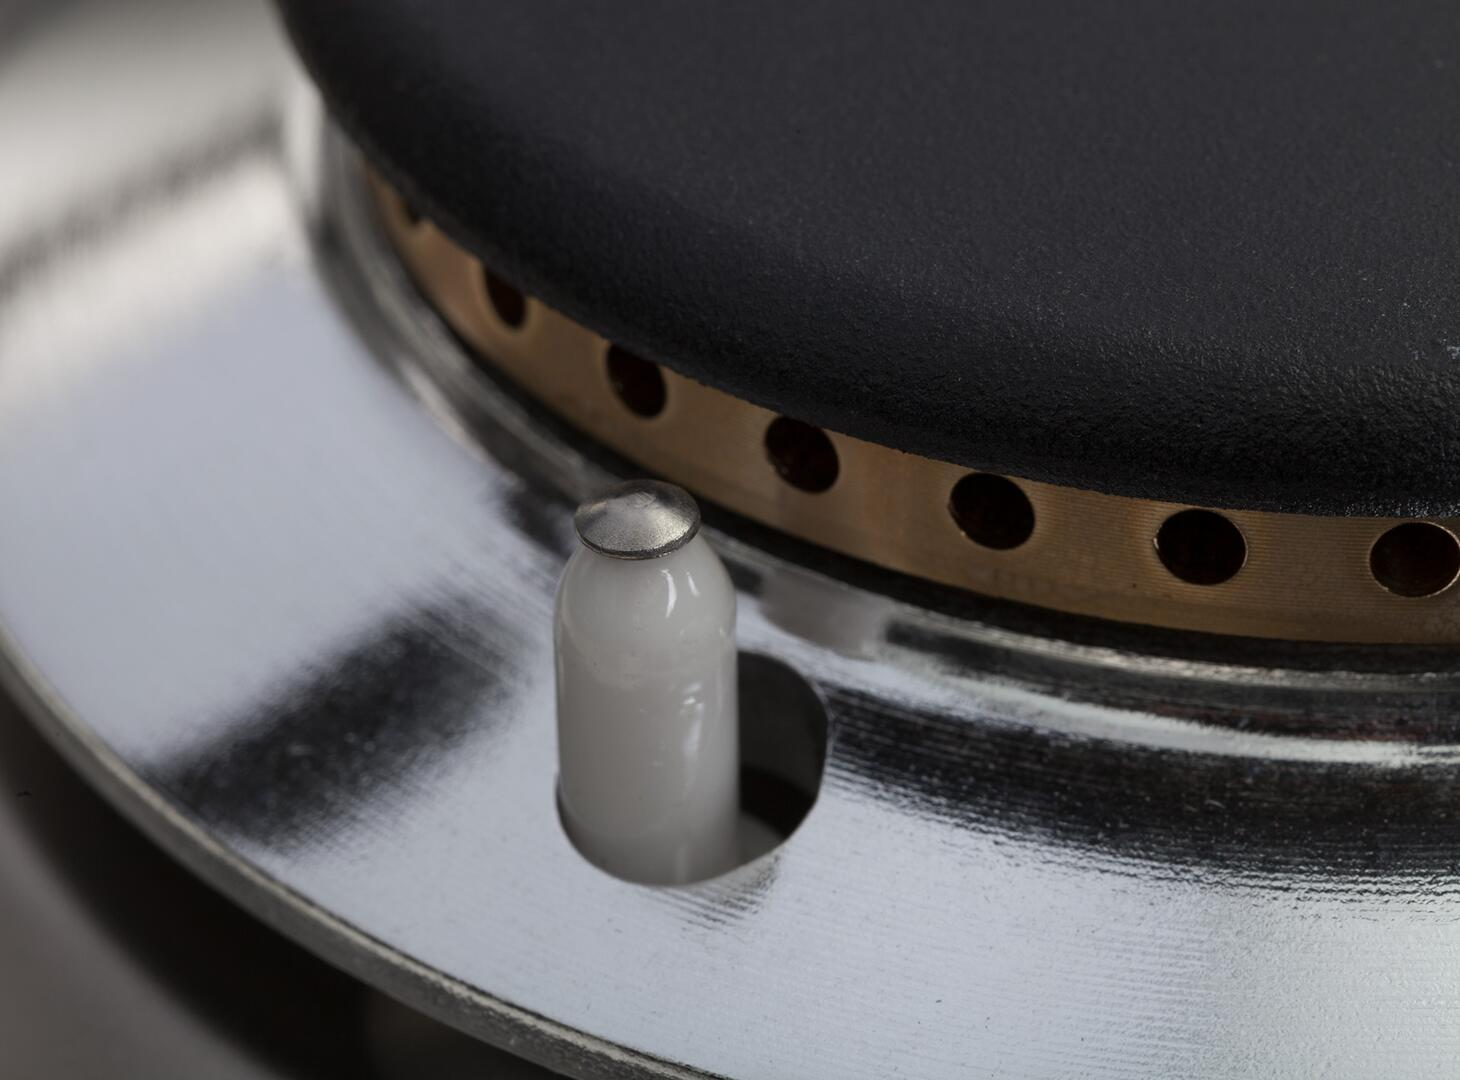 Ilve Professional Plus UPDW1006DMPN Freestanding Dual Fuel Range Black, 9